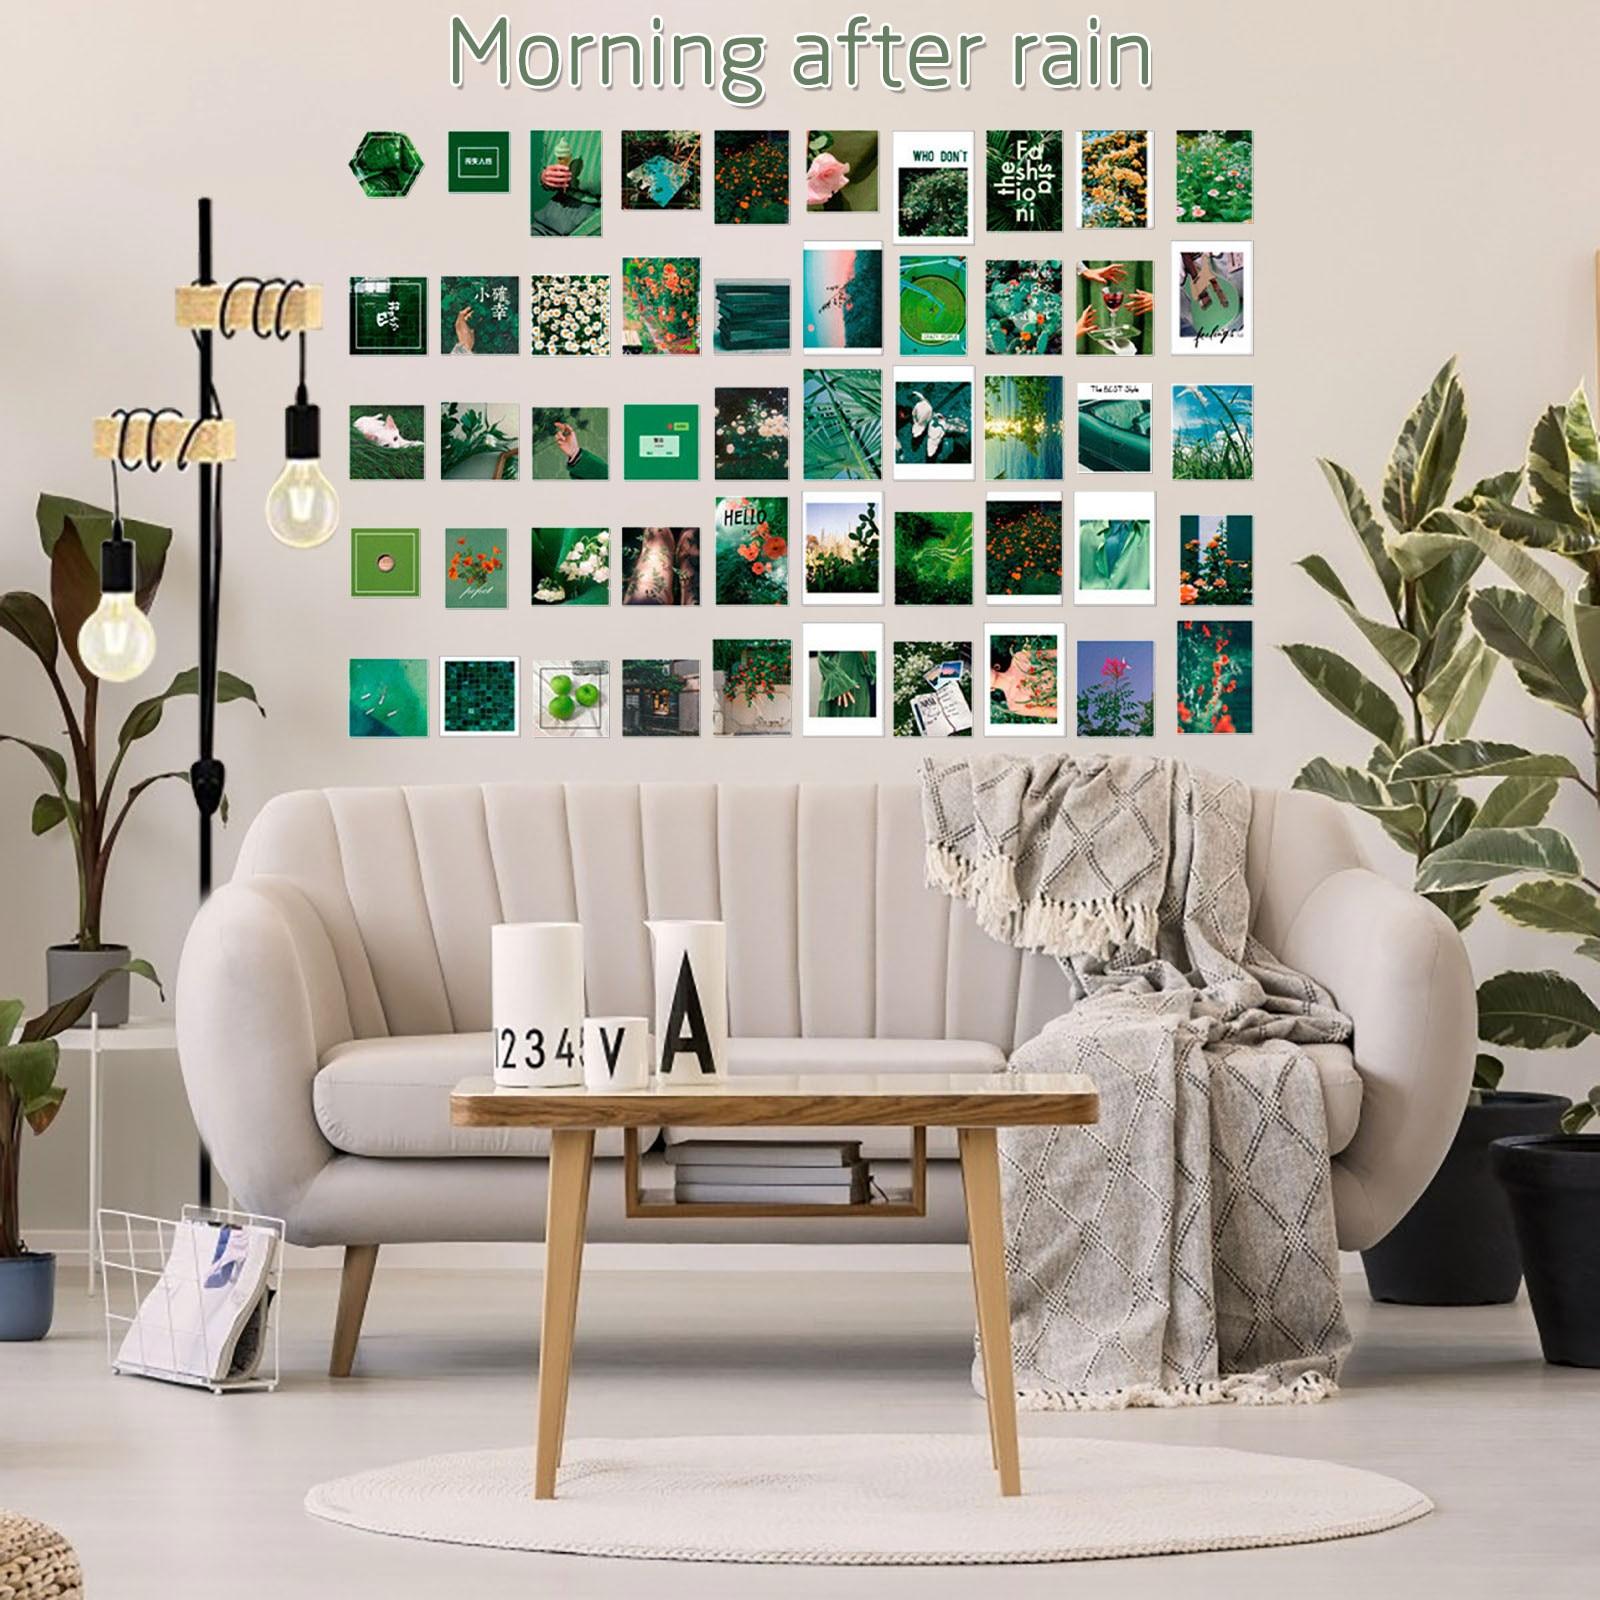 Vinilo adhesivo para paredes, pegatinas de fotos decorativas para chicas adolescentes, bricolaje